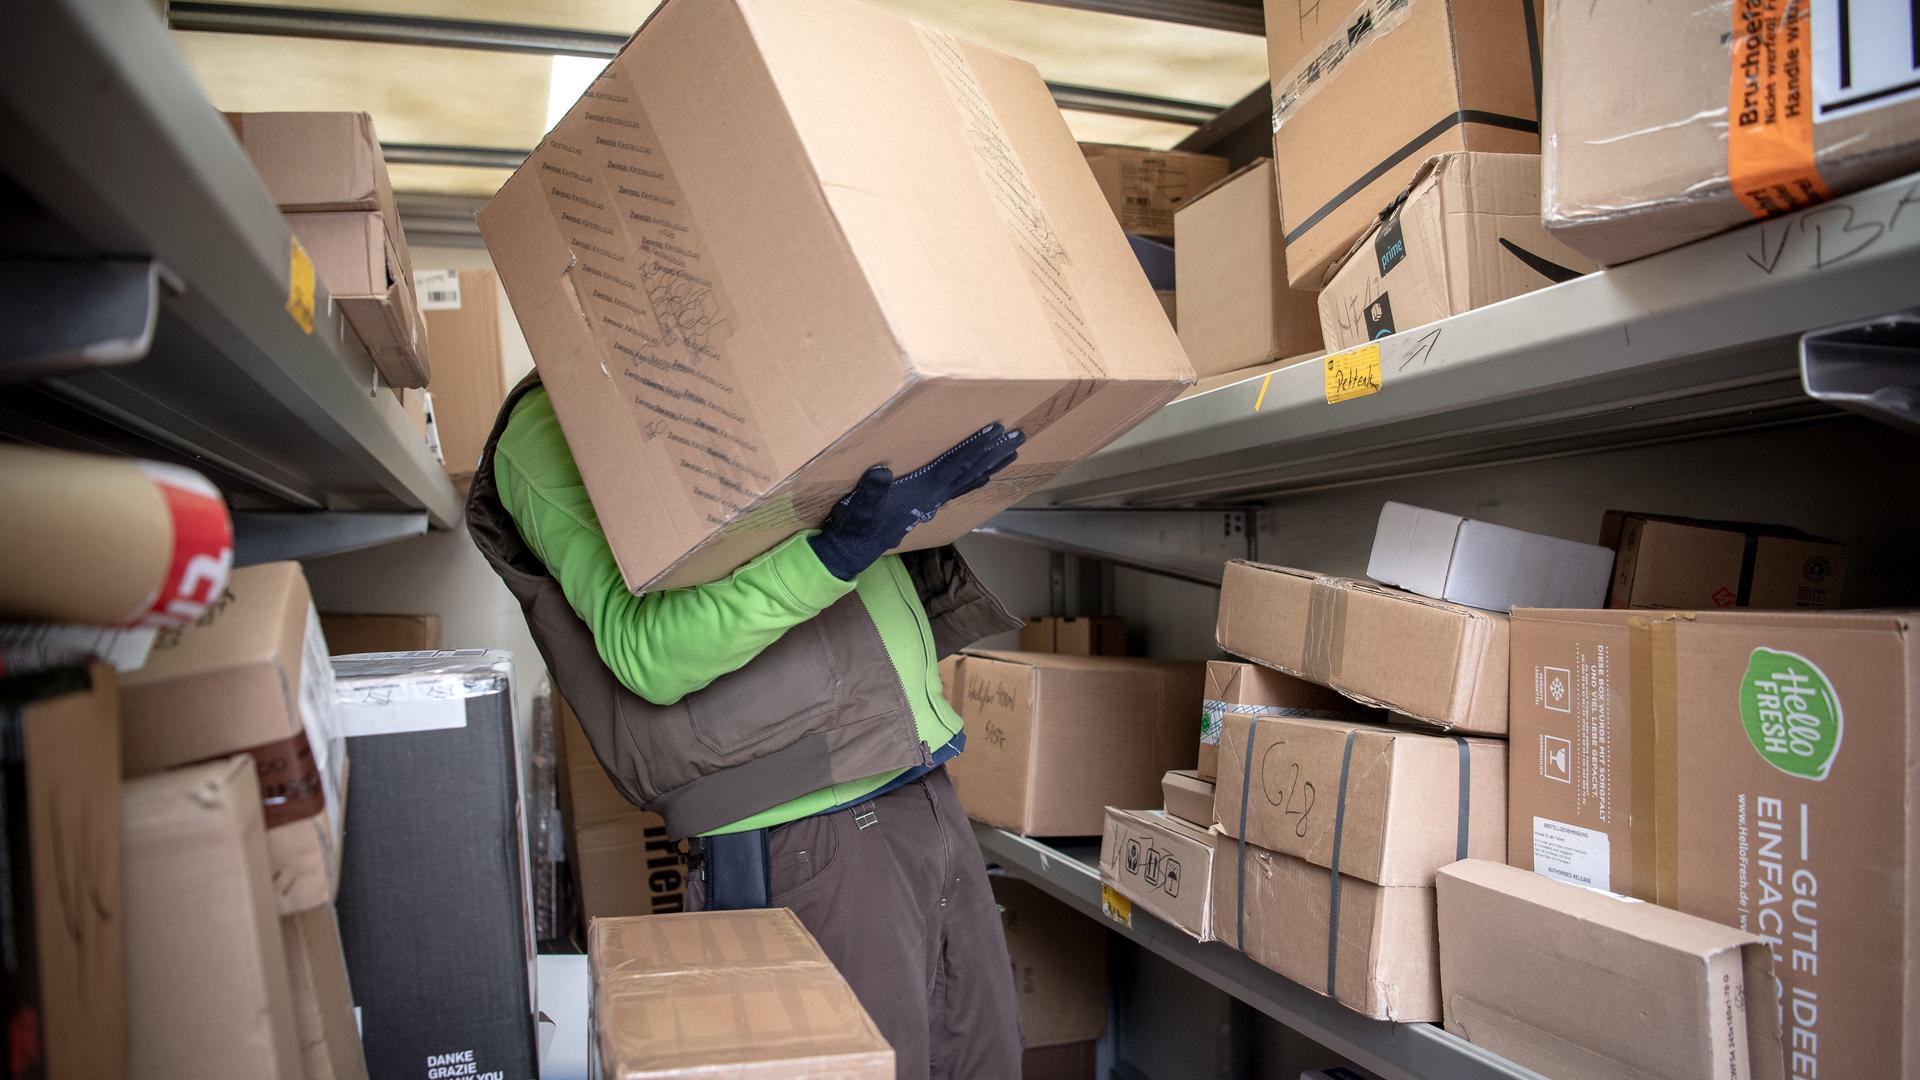 Ein Paketbote lädt Pakete in einen Transporter. Viele der derzeit getesteten Maßnahmen zur Bewältigung der ständig wachsenden Zahl an versendeten Paketen sind aus Sicht von Logistikforschern erfolgversprechend. (zu «Forscher bei Lösungen gegen Paketflut zuversichtlich») +++ dpa-Bildfunk +++